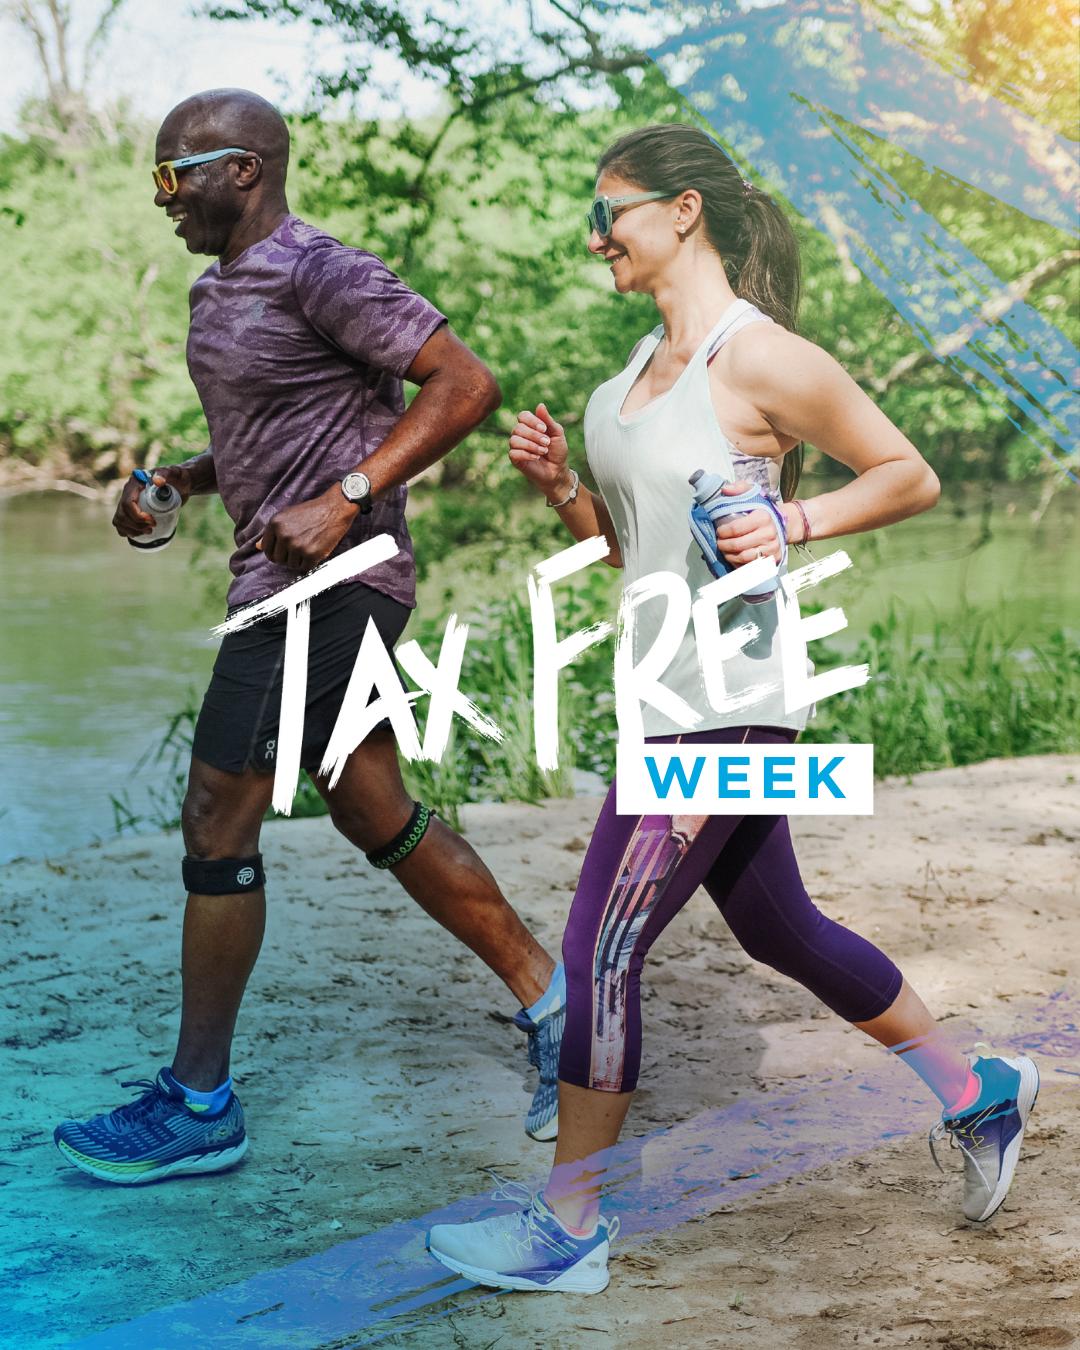 Tax free Week